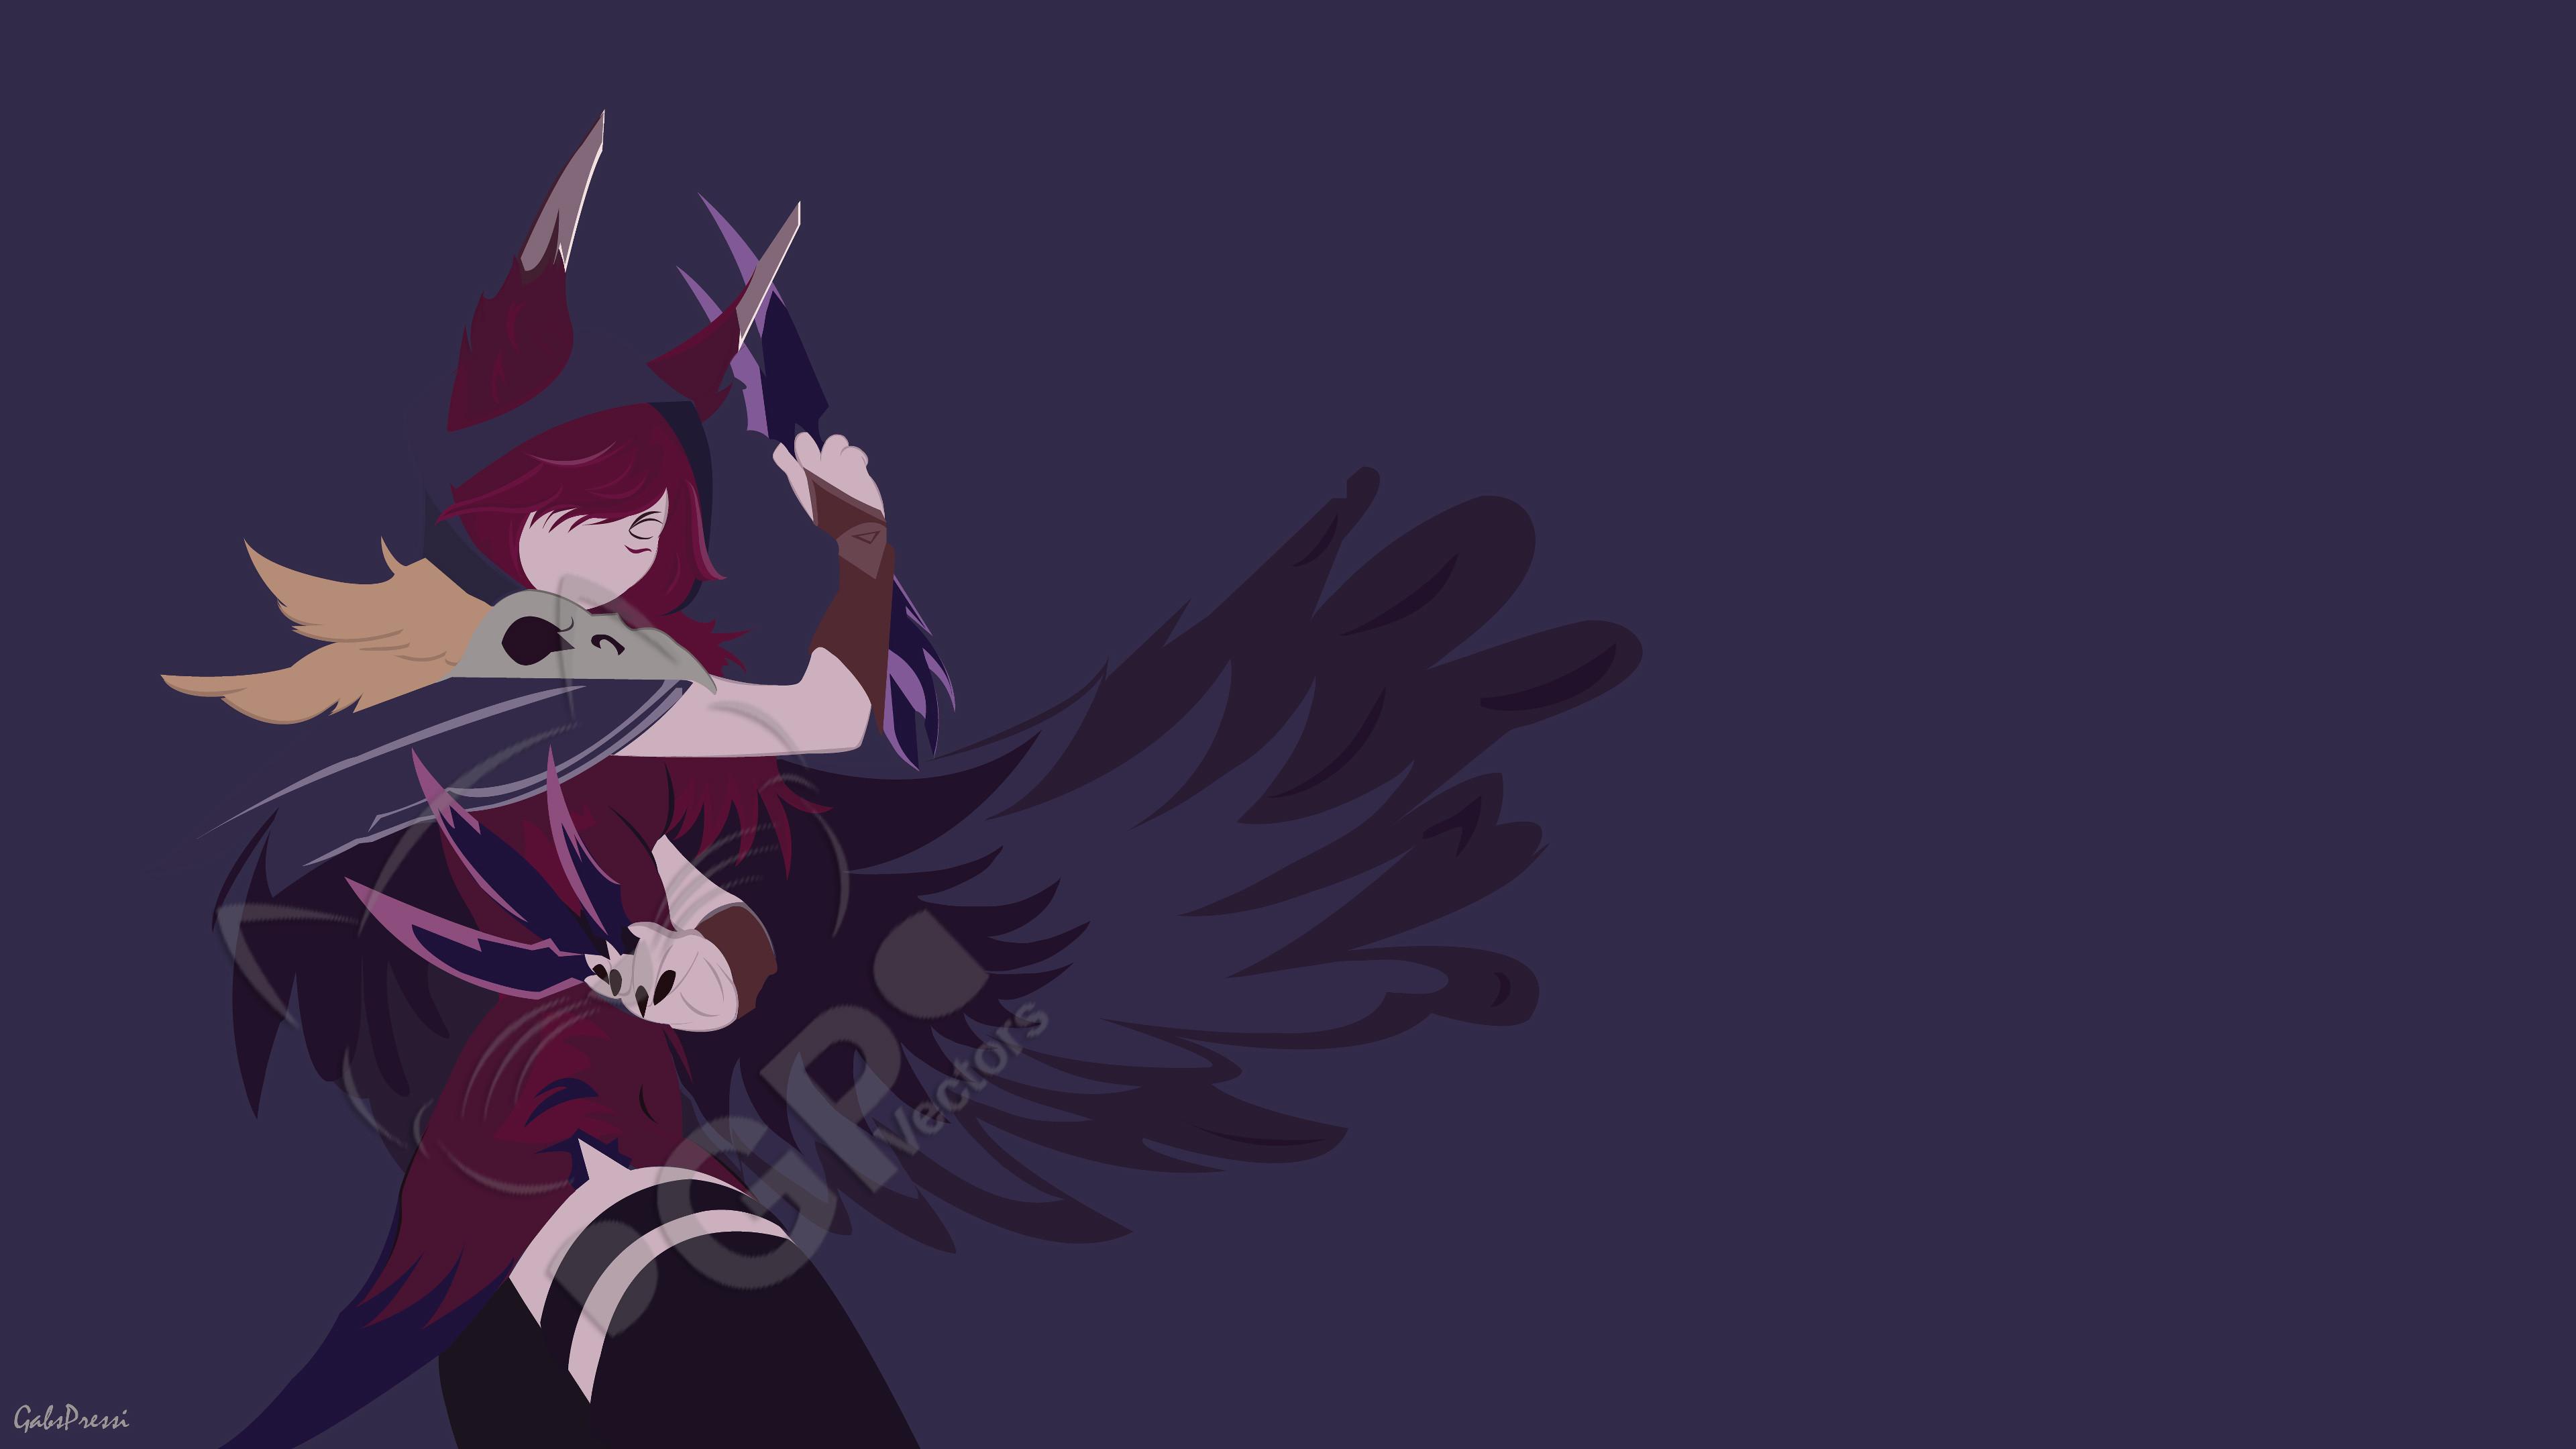 Xayah Minimalist by gabslikethese HD Wallpaper Background Fan Art Artwork League  of Legends lol